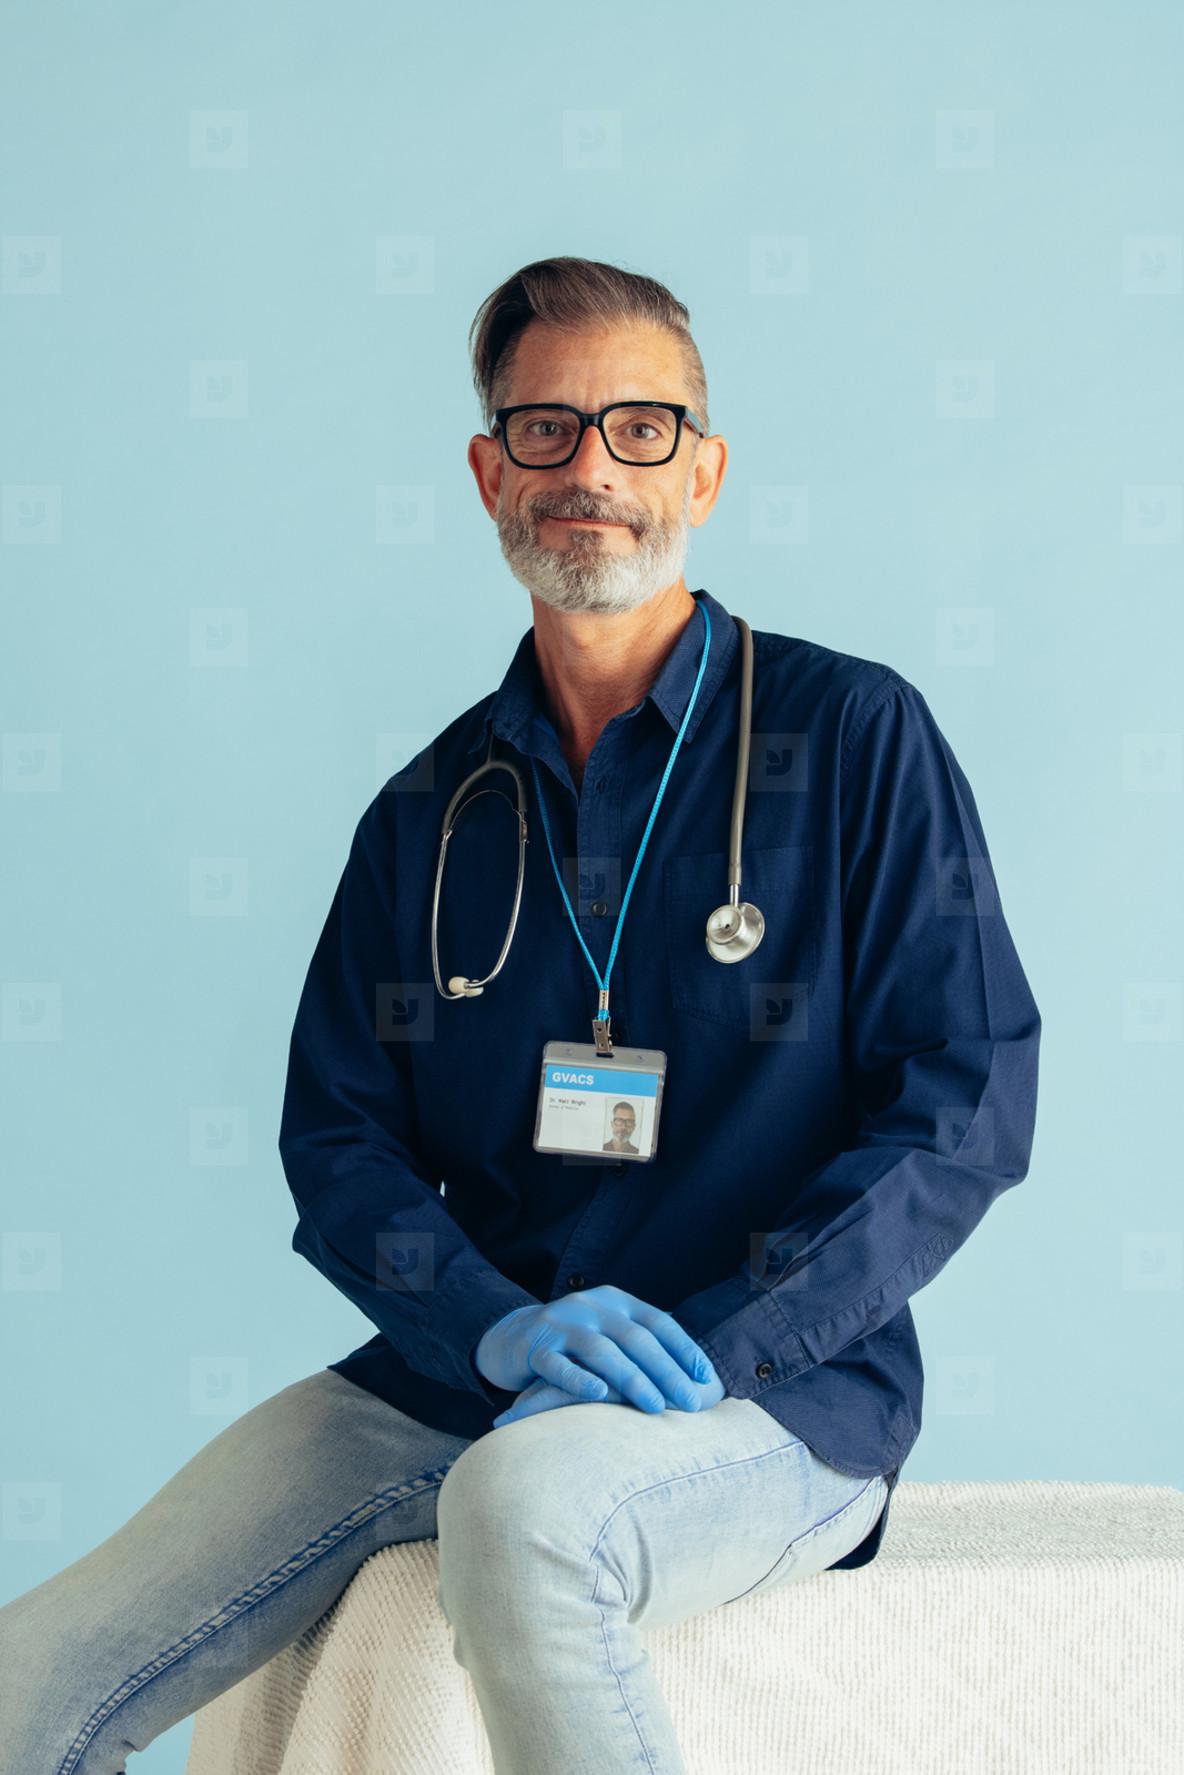 Portrait of a confident mature doctor